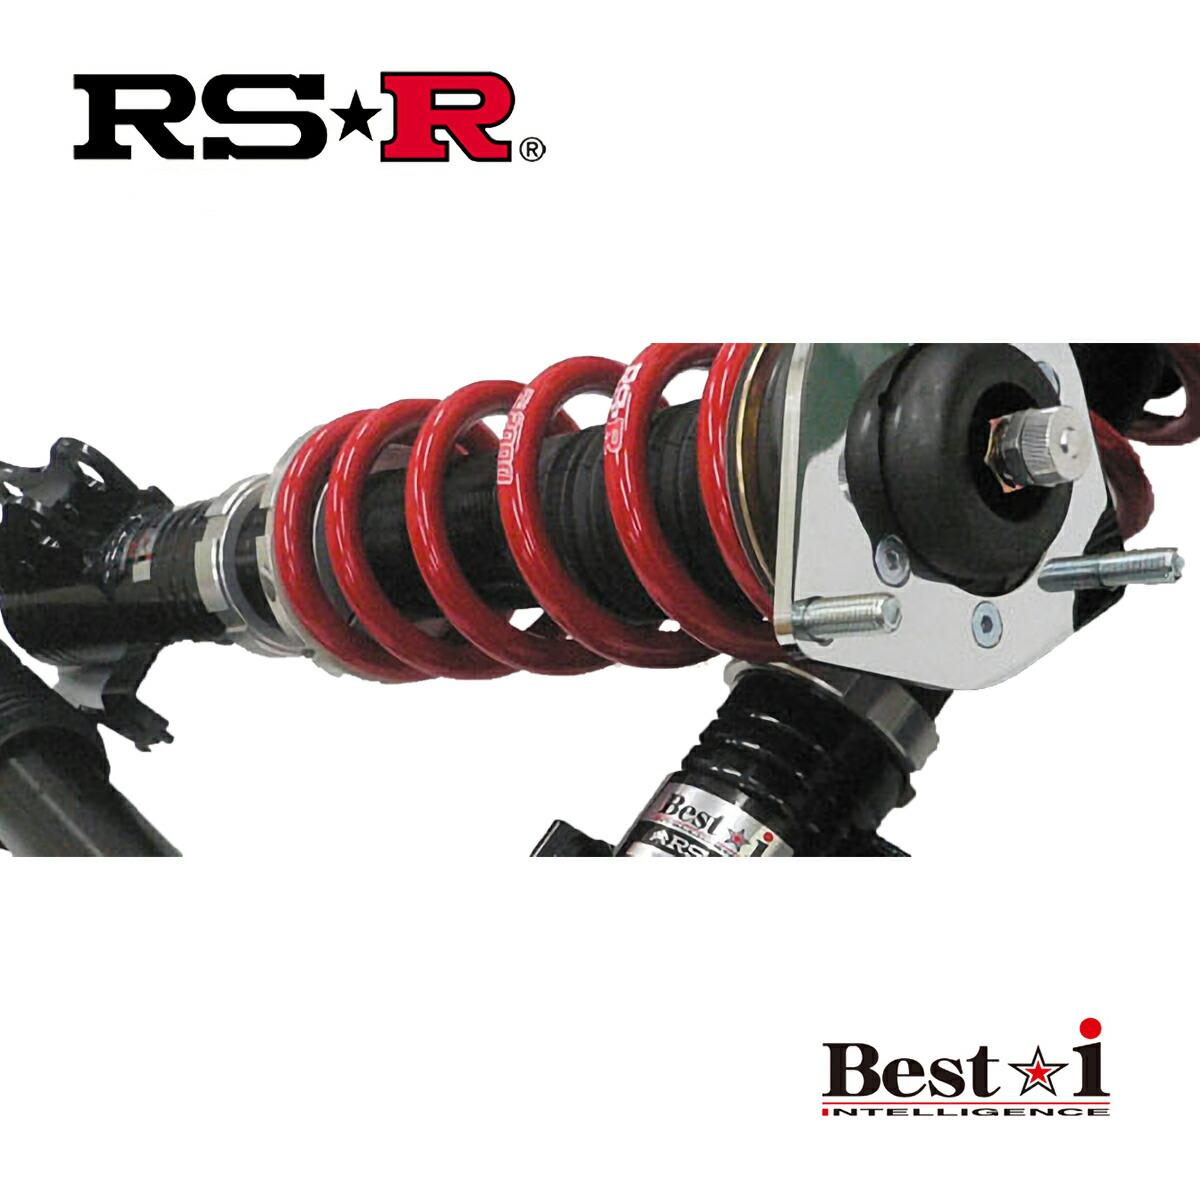 RS-R レクサス RC300h AVC10 Fスポーツ 車高調 リア車高調整: ネジ式 LIT103M ベストi RSR 個人宅発送追金有